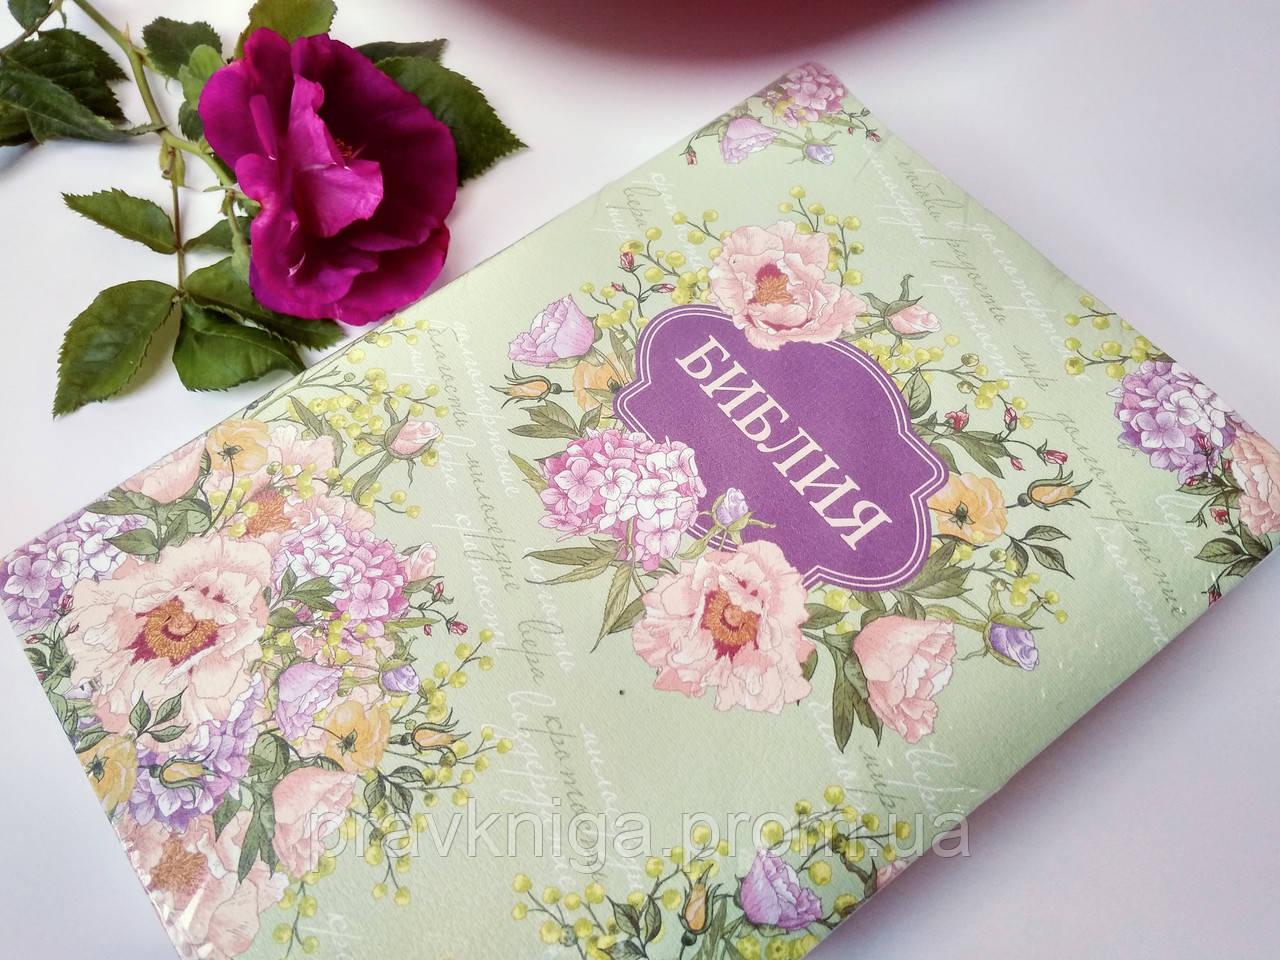 Библия с цветочным принтом. Средний формат